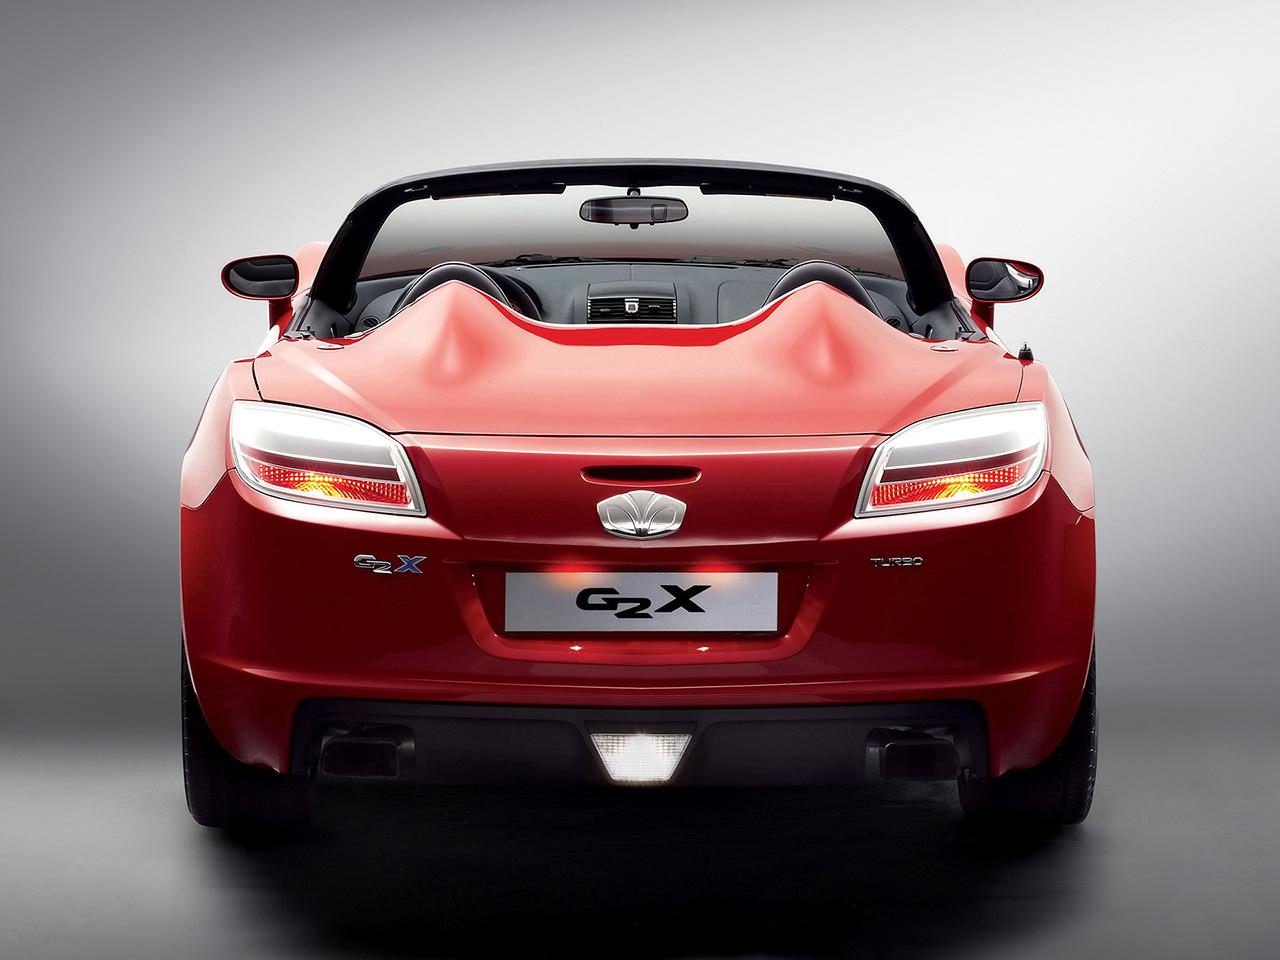 2007-GM-Daewoo-G2X-Rear-1280x960-1-